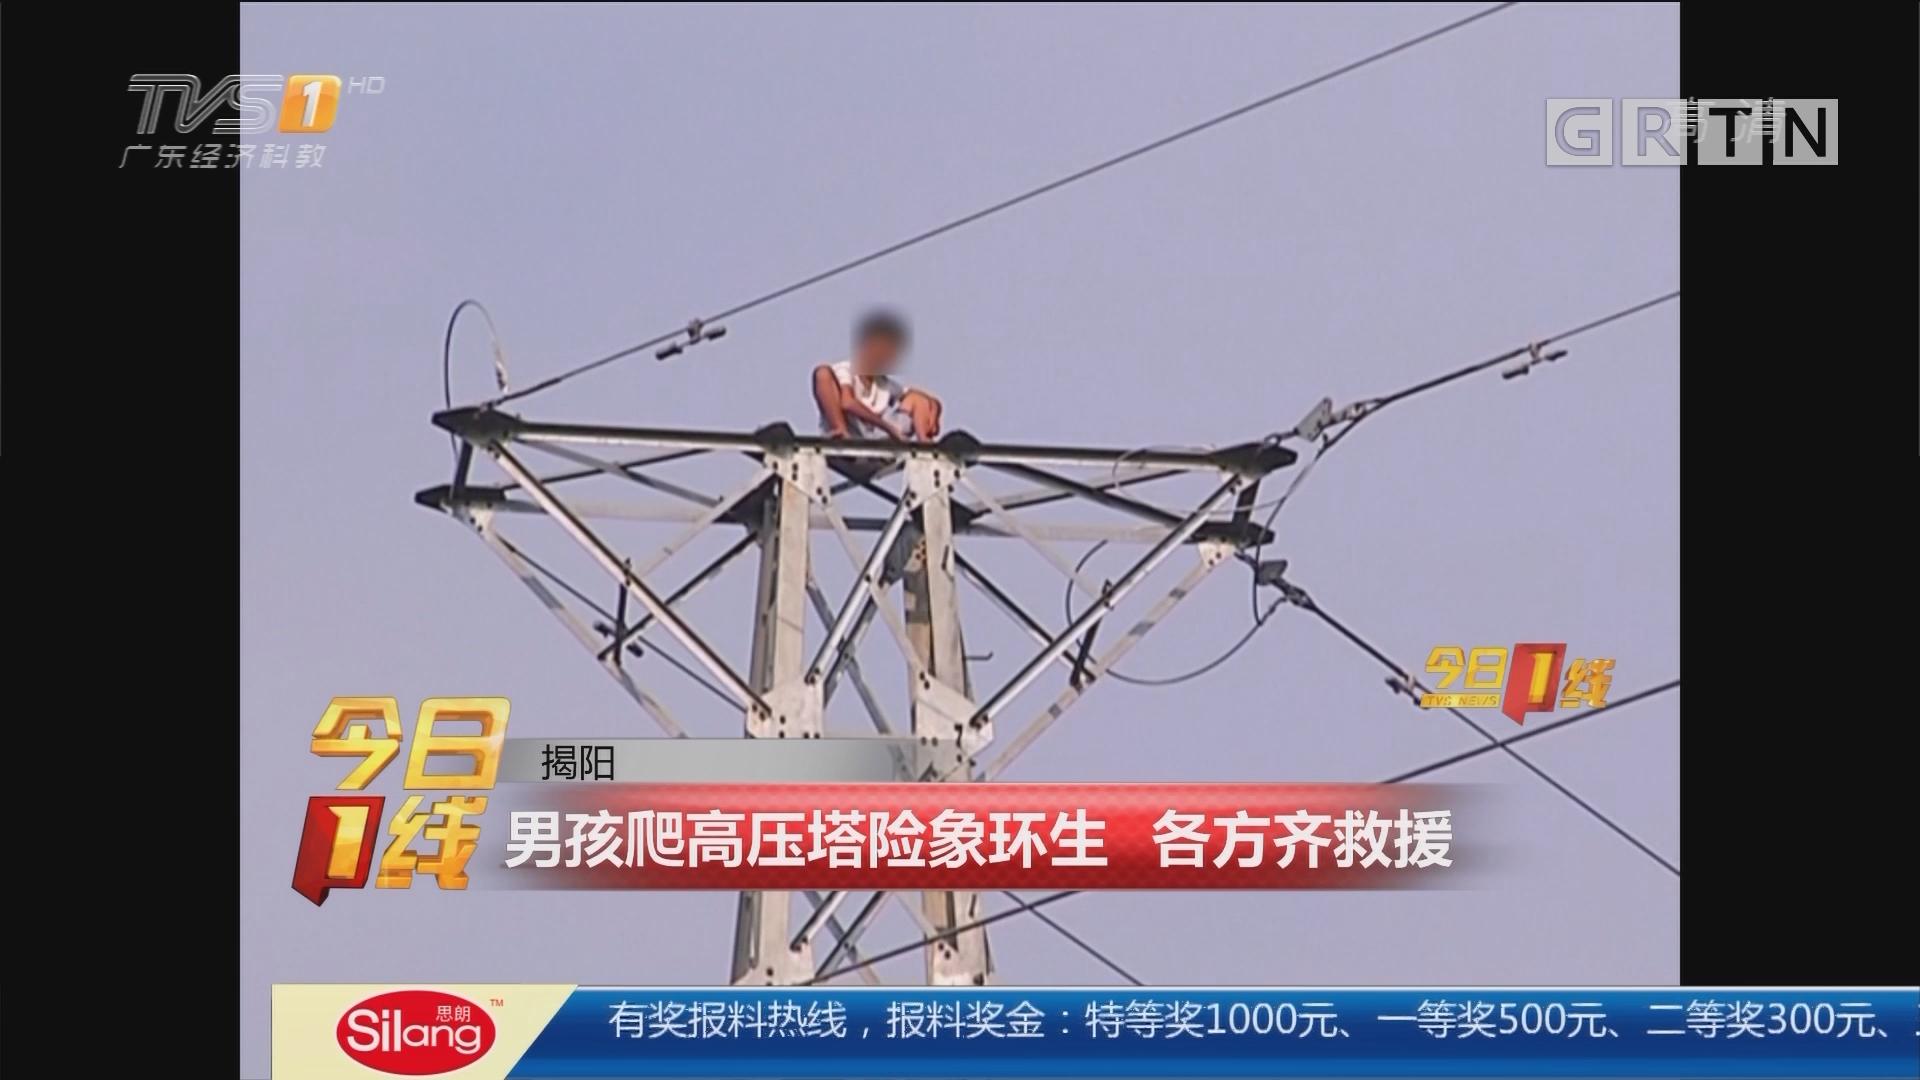 揭阳:男孩爬高压塔险象环生 各方齐救援